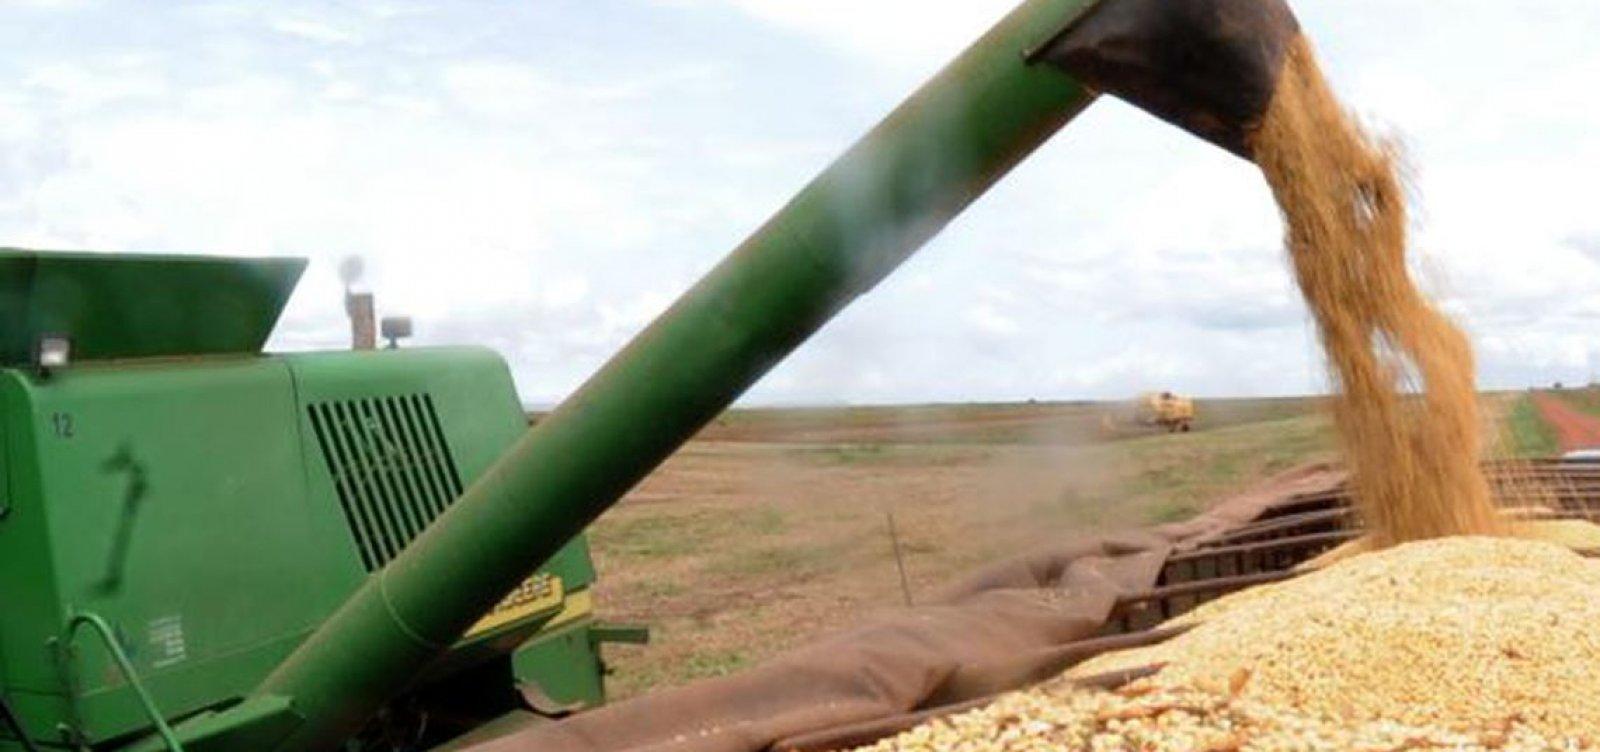 [Safra de grãos deve fechar 2019 com alta de 4,2%, estima IBGE]